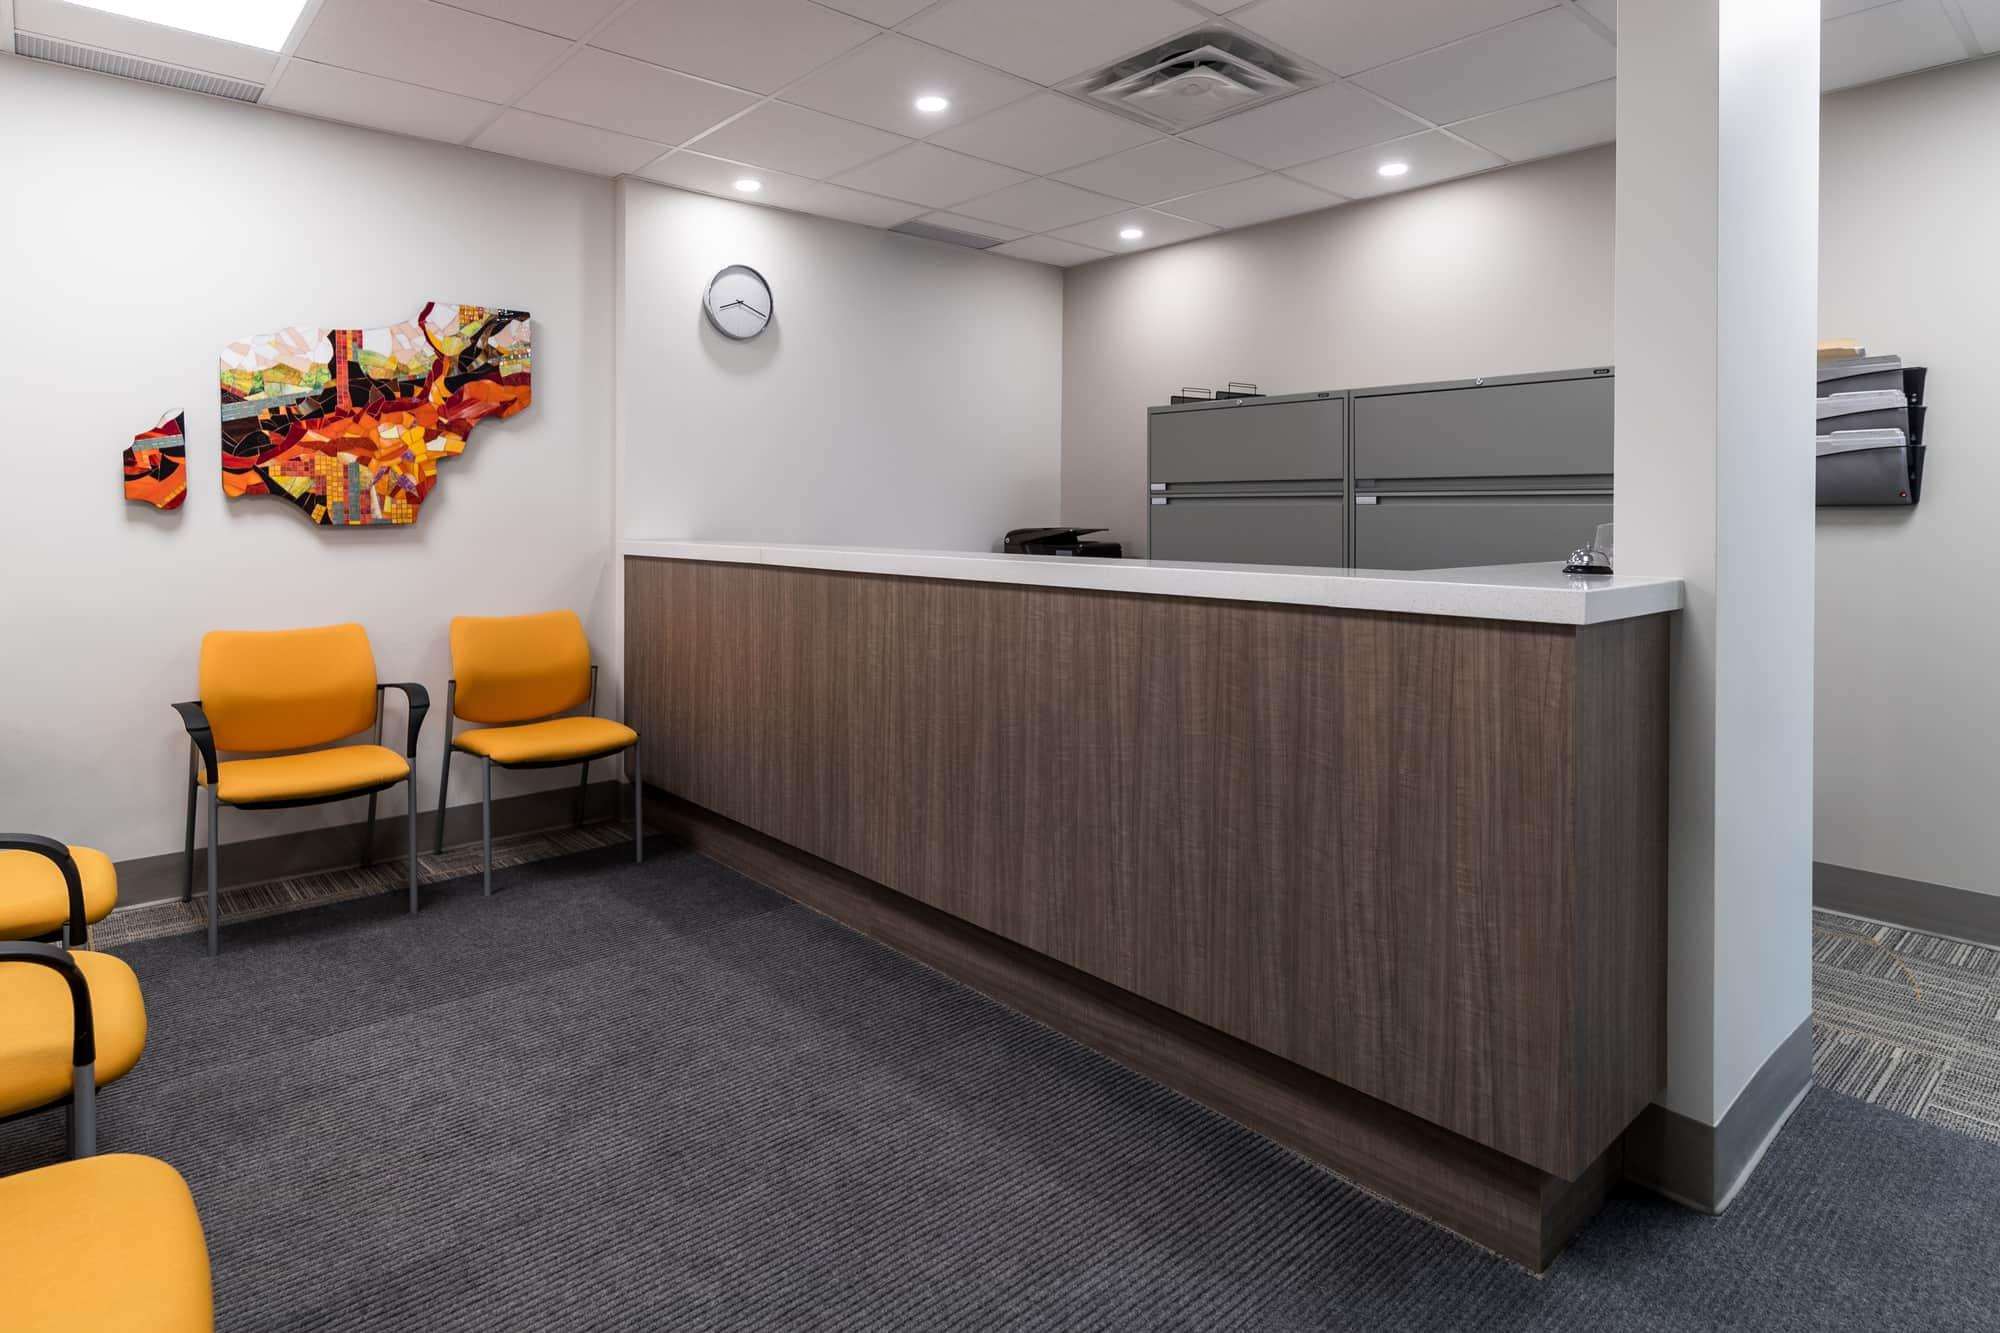 Idée de comptoir de réception en mélamine grise dans une clinique